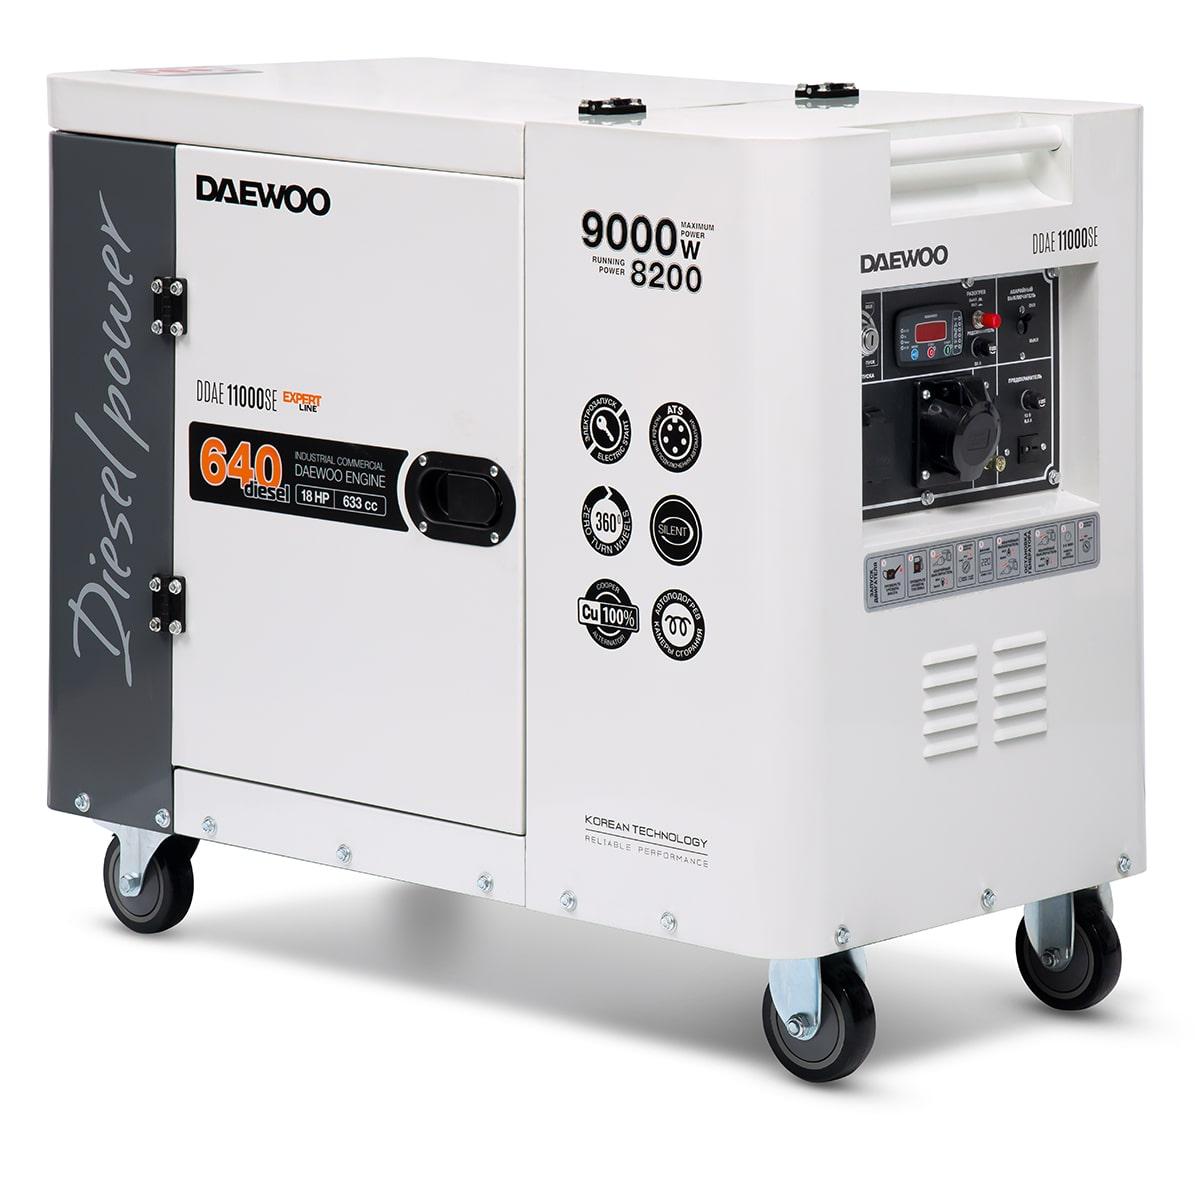 дизельная электростанция daewoo ddae 11000se